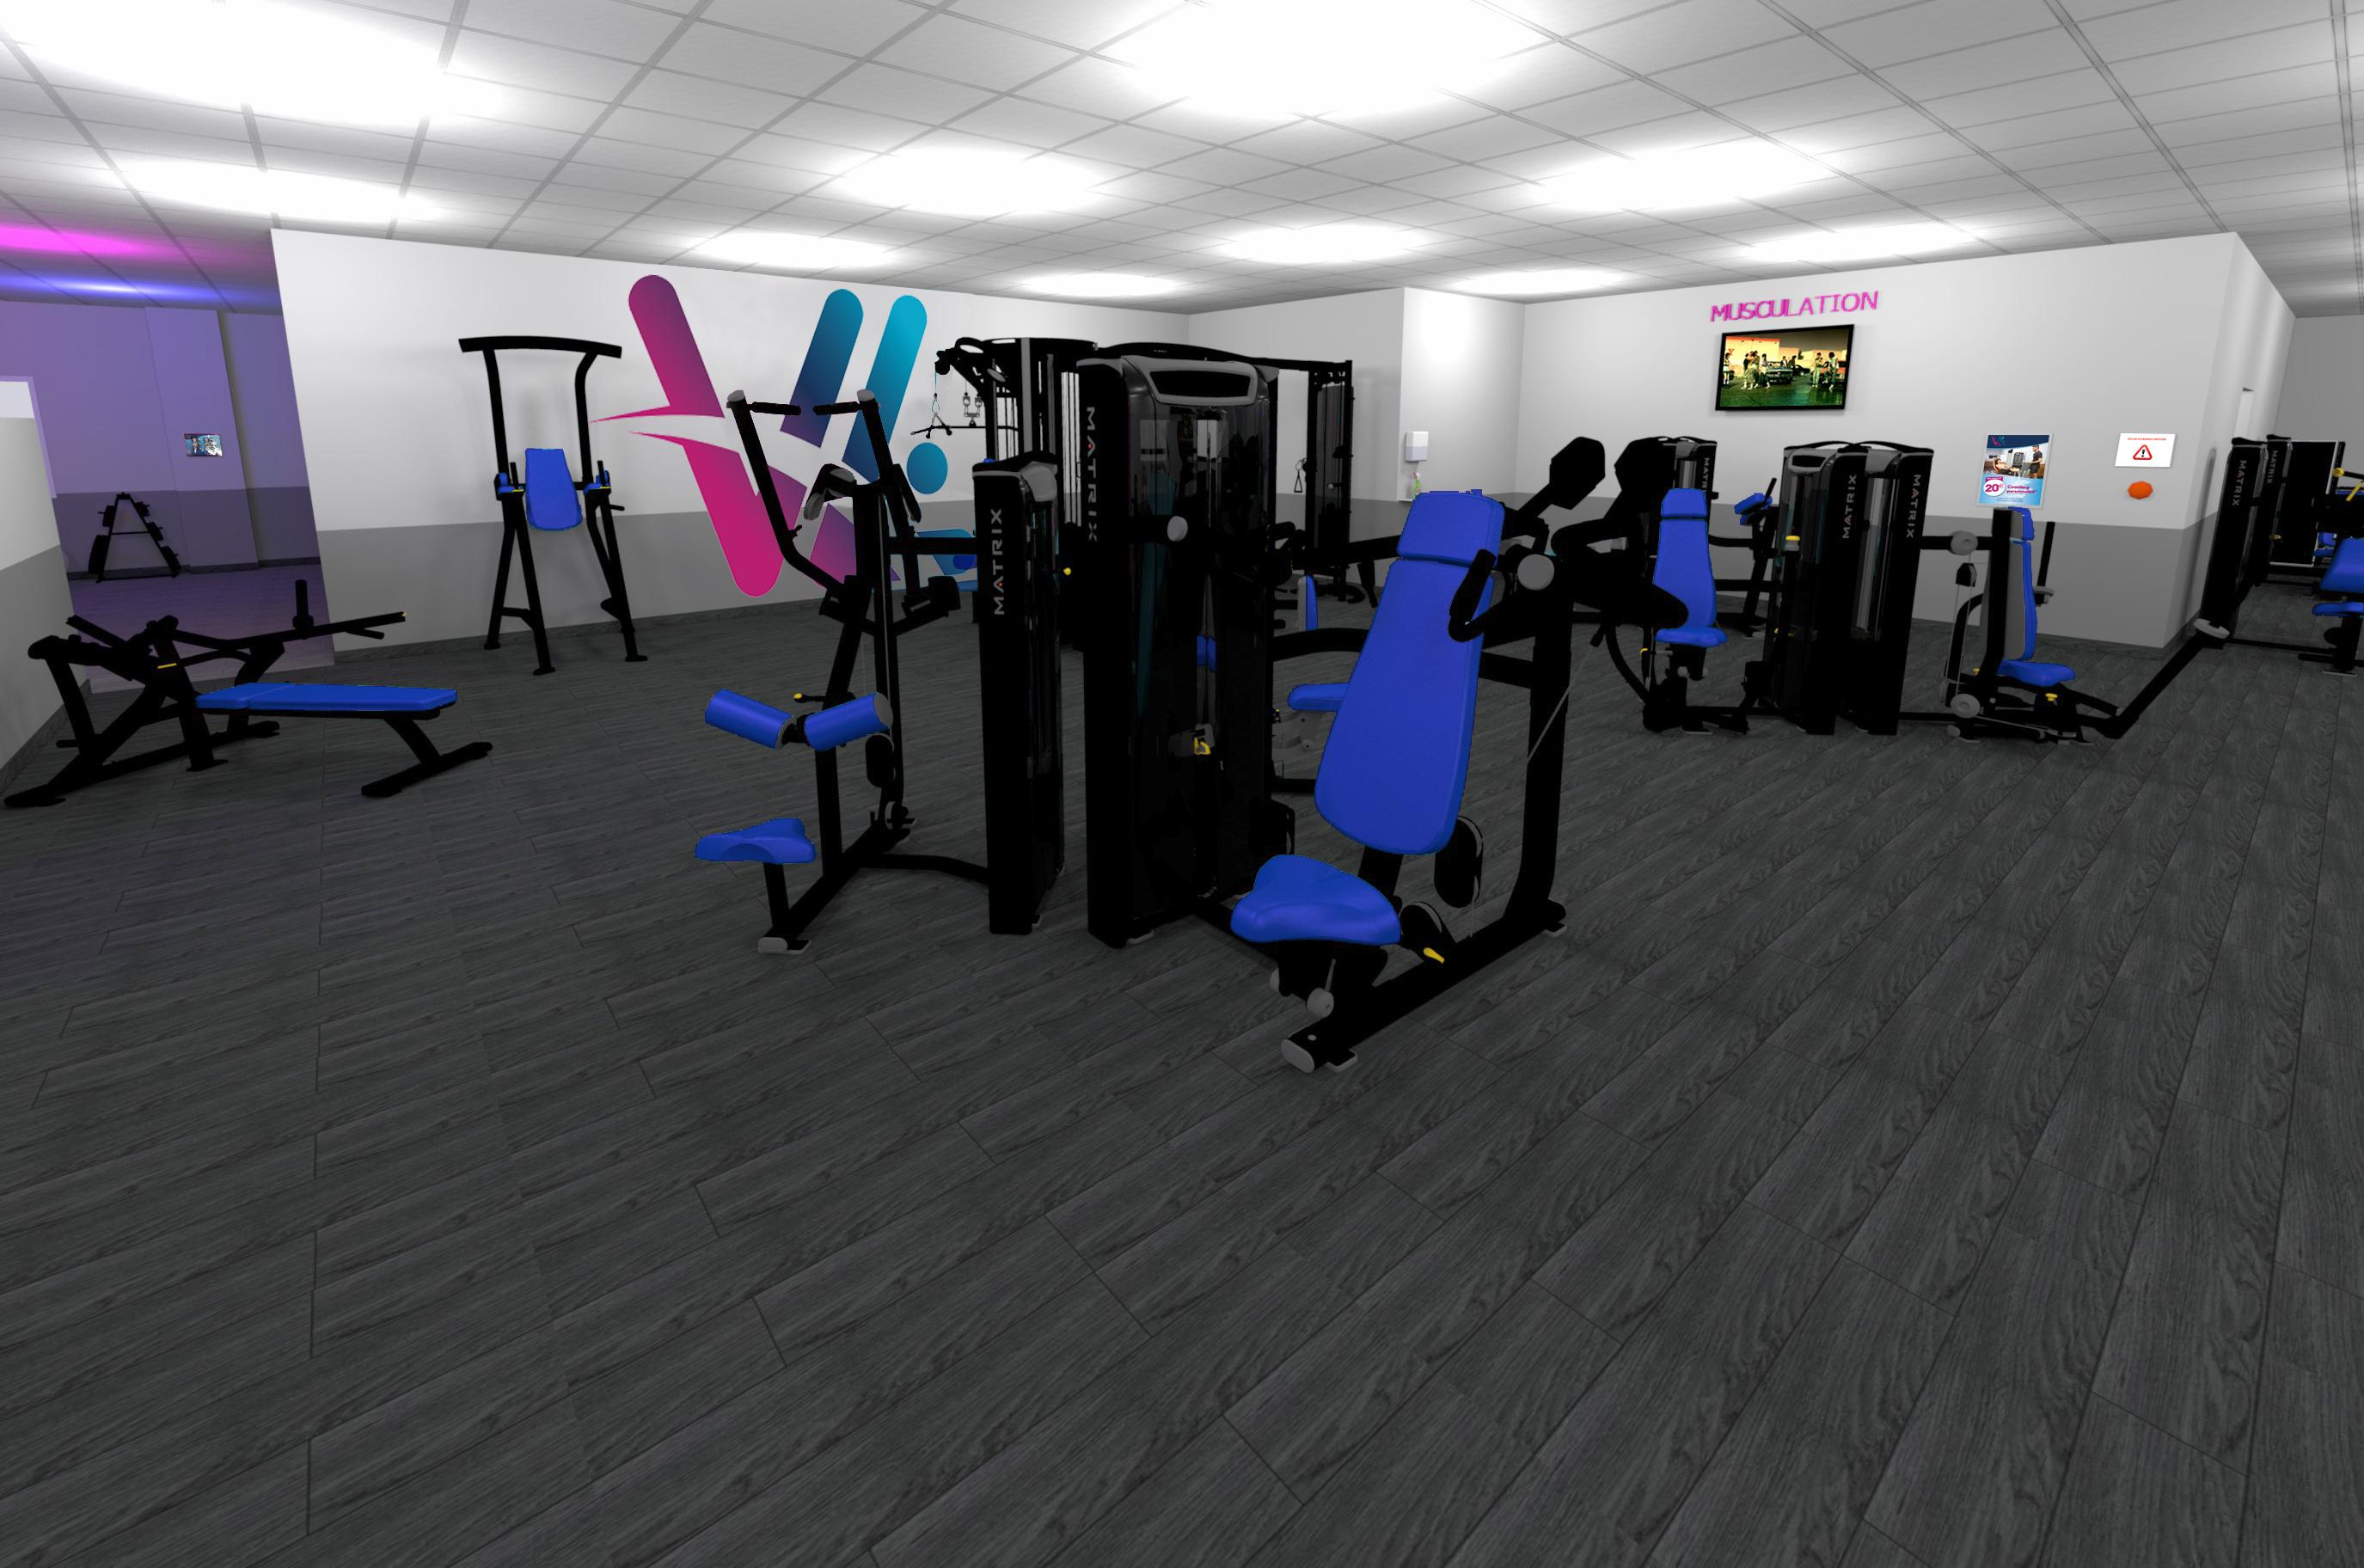 Salle de sport Vita liberté la Destrousse musculation